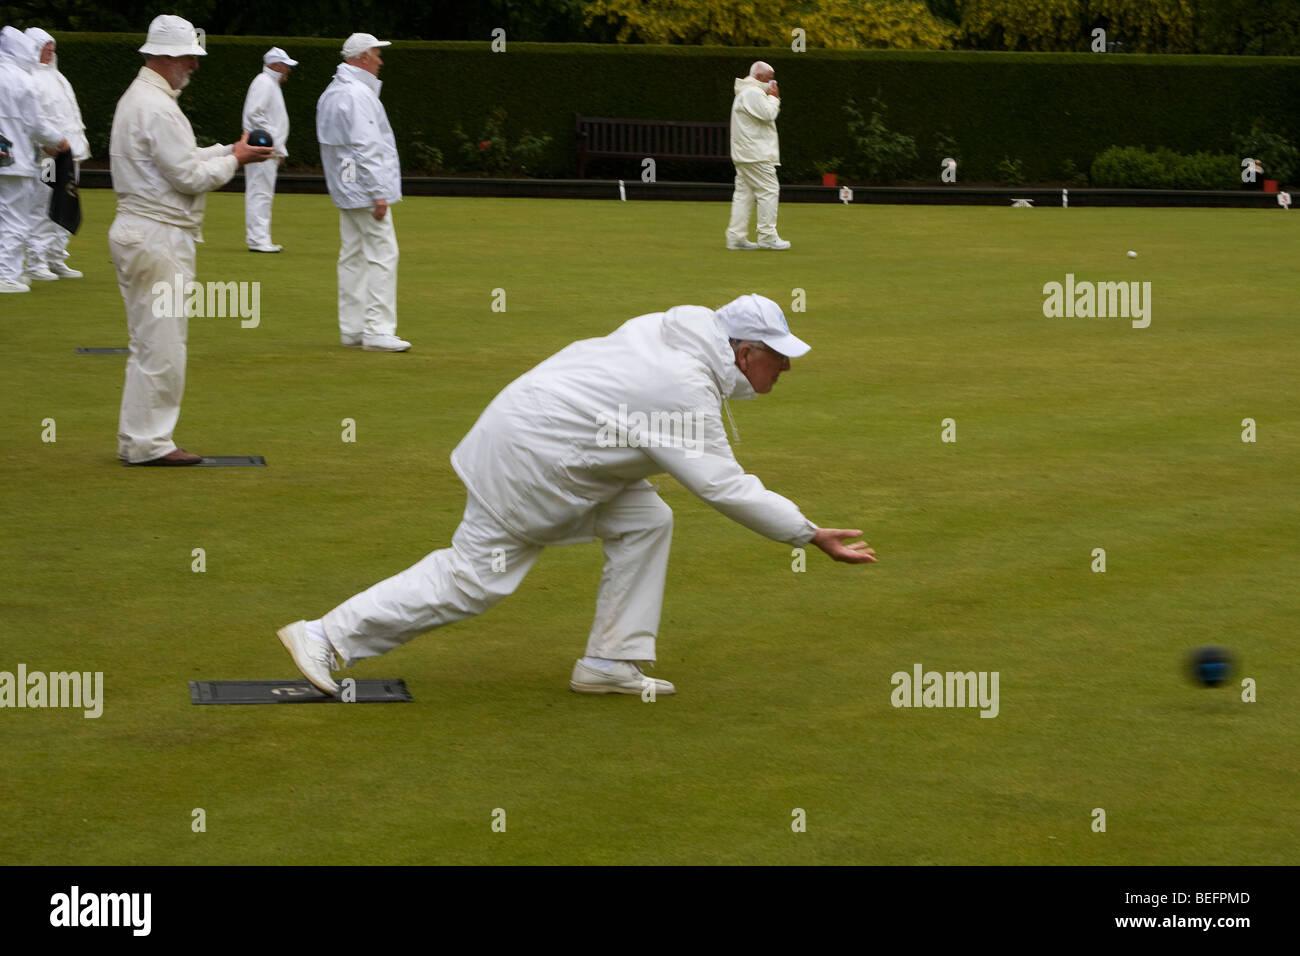 Lawn Bowls giocato in caso di pioggia Immagini Stock